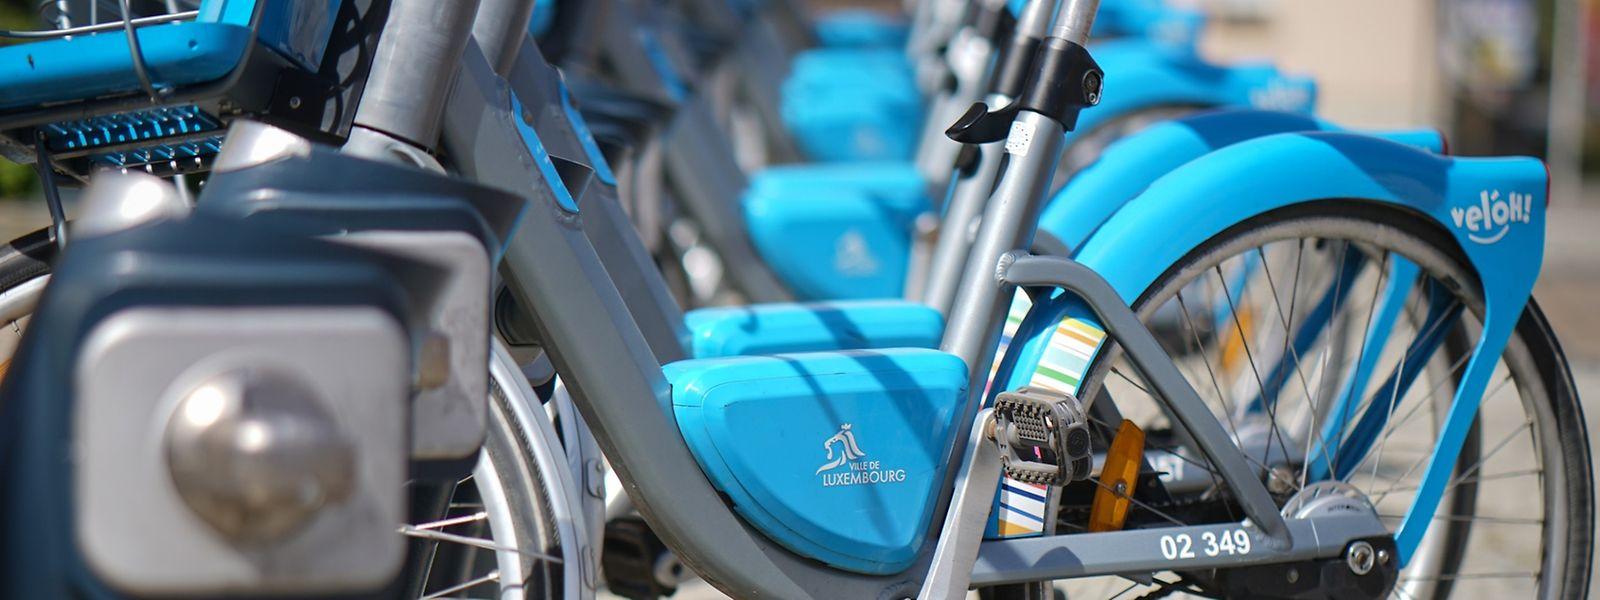 Die Elektrofahrräder verfügen über eine Dreigangschaltung und am Lenker einen Korb. Für die Abonnenten sind allerdings die Akkus die größte Schwachstelle.